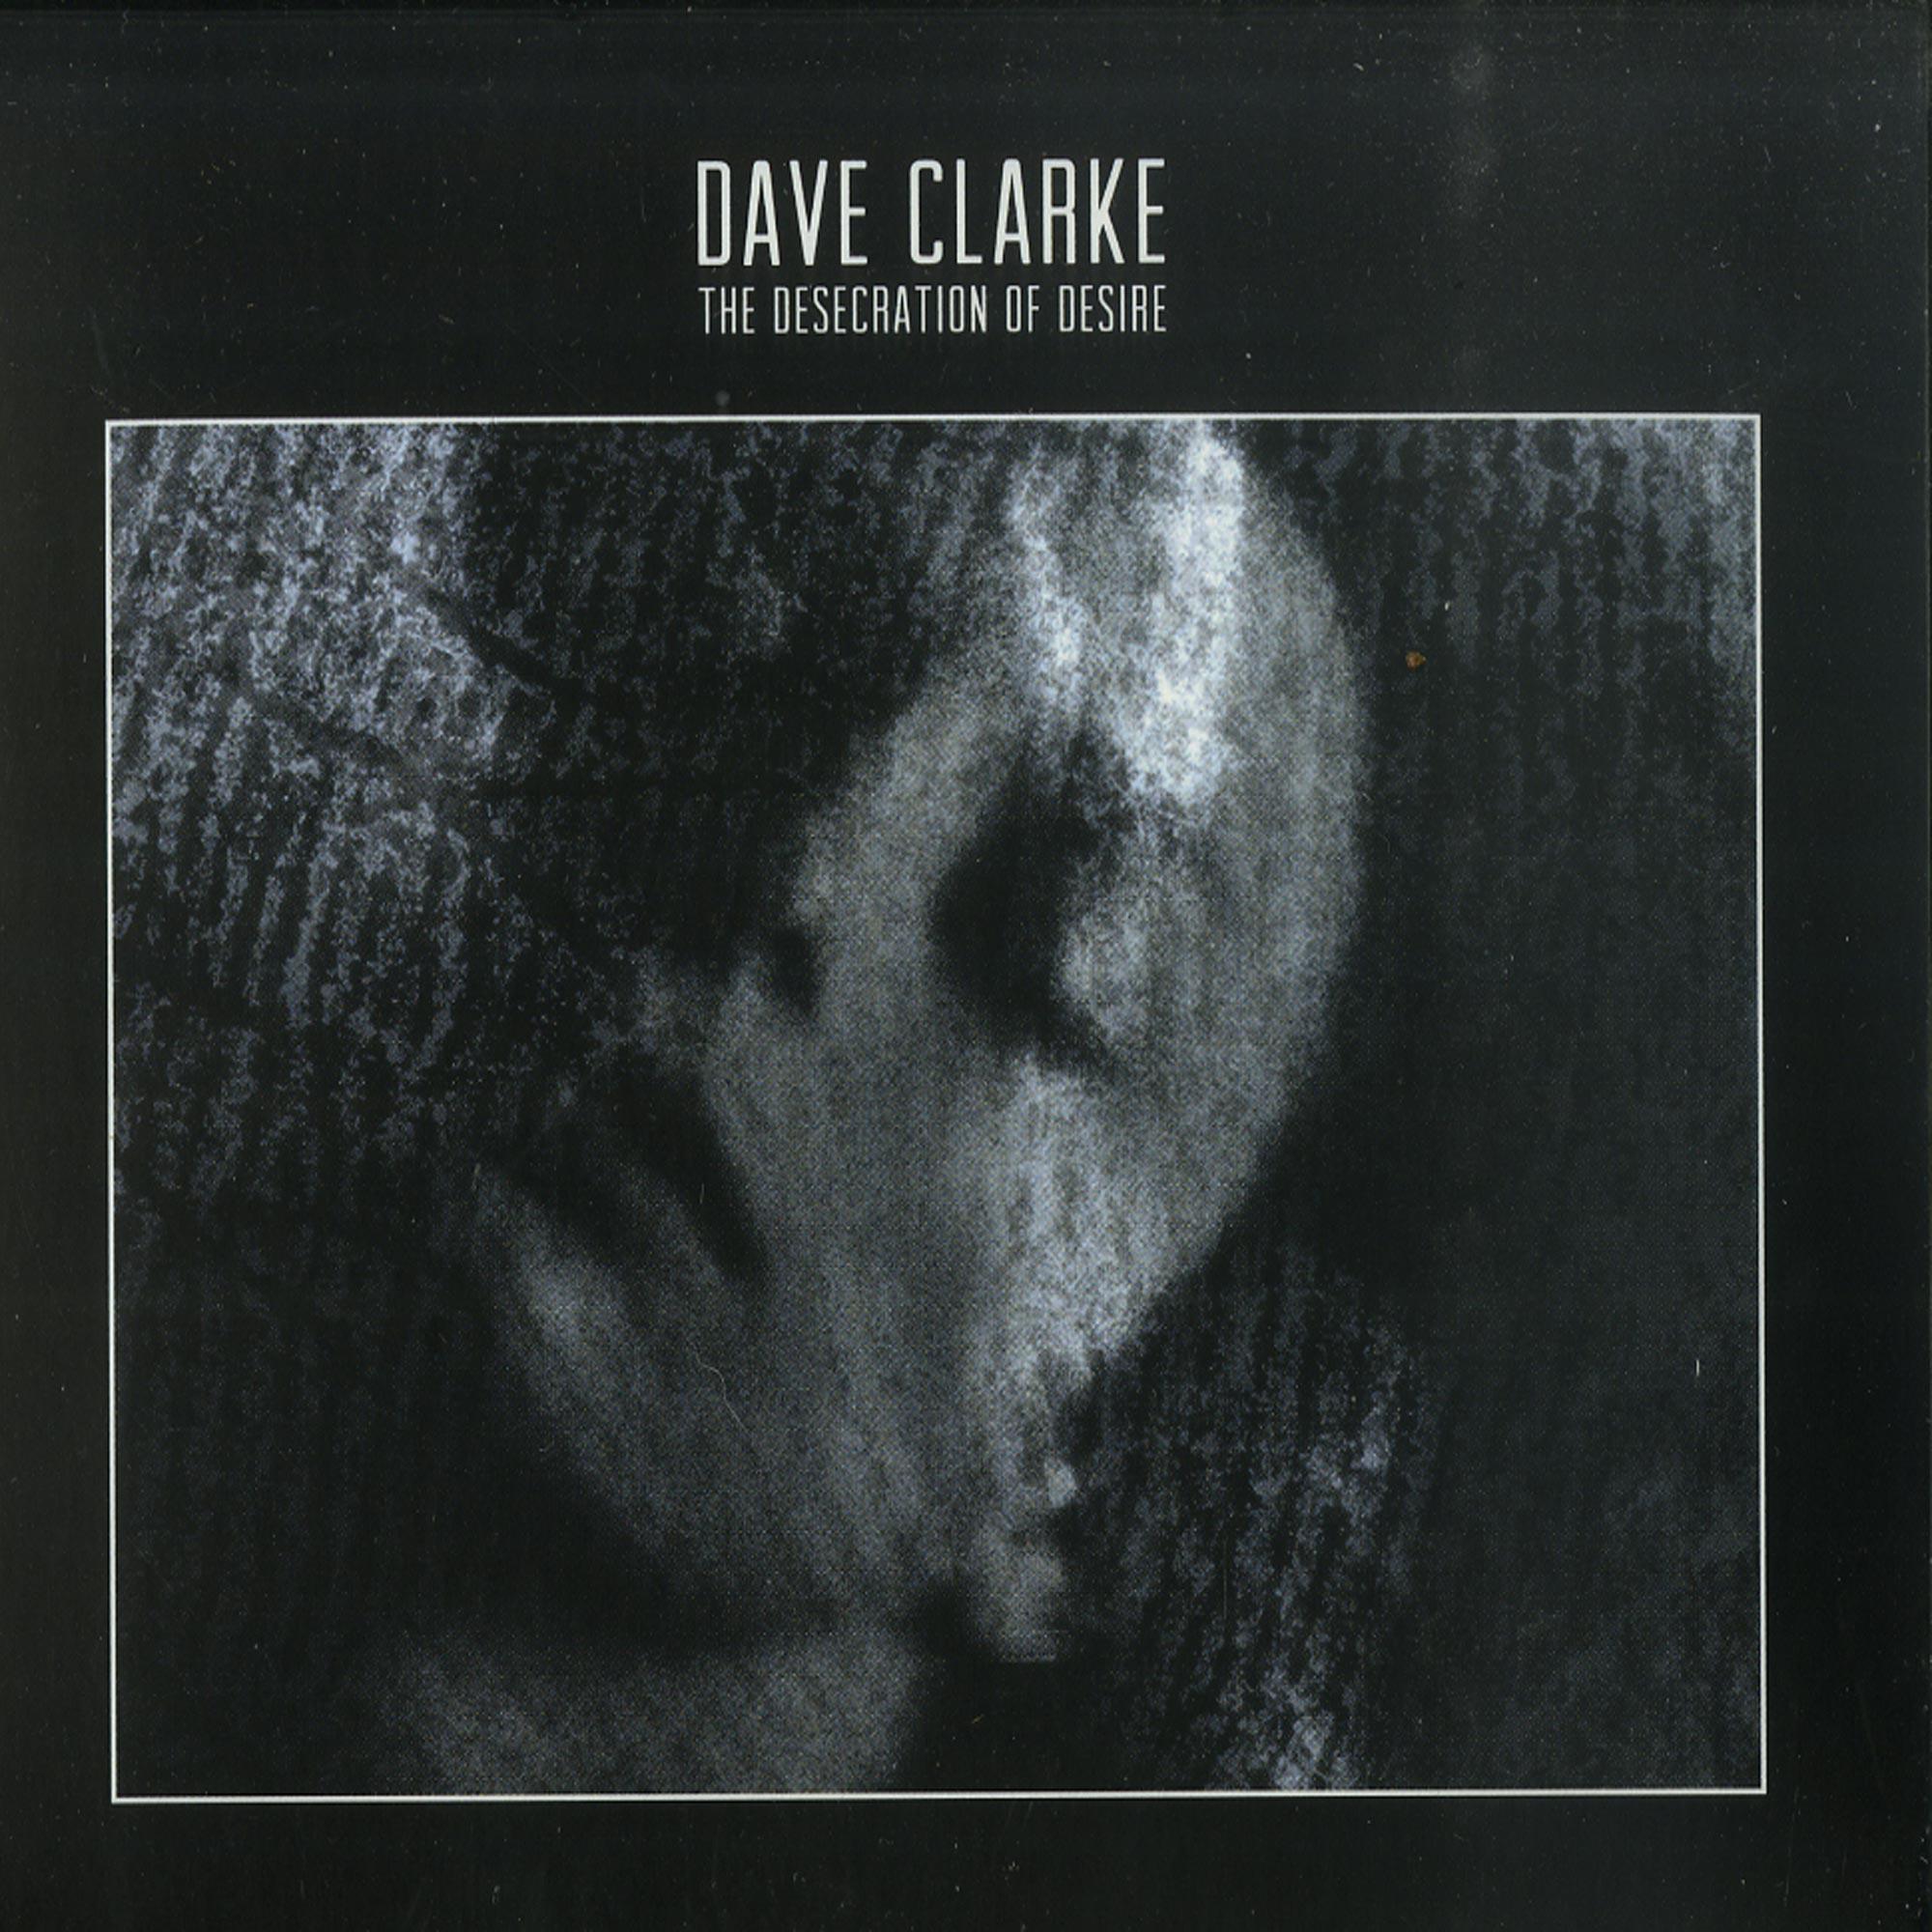 Dave Clarke - DESECRATION OF DESIRE